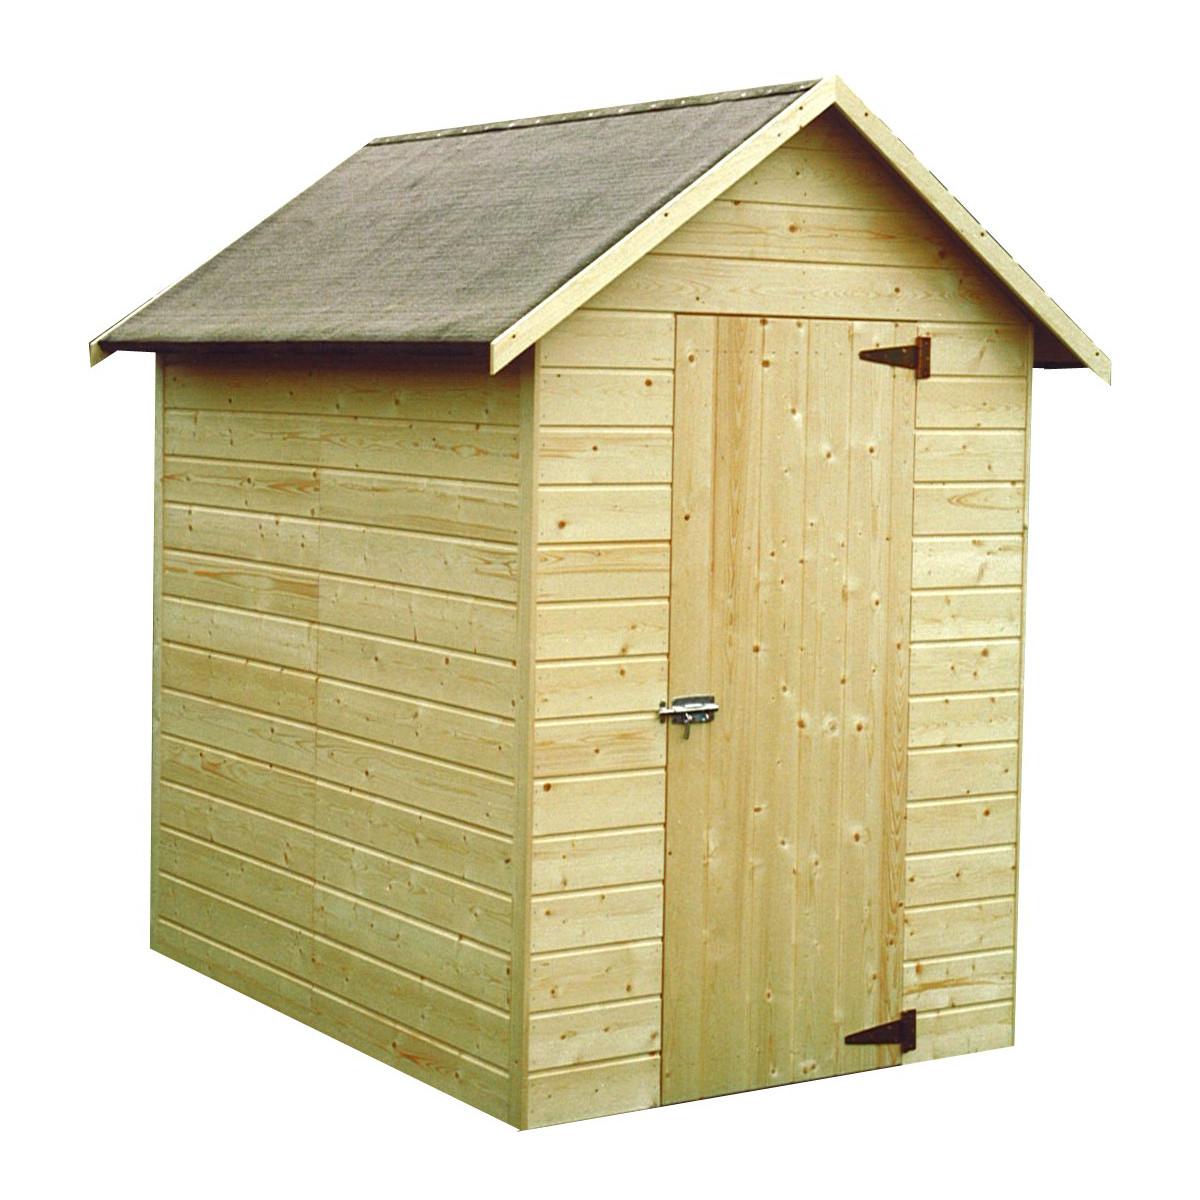 Petite cabane de jardin en bois pas cher for Cabane en bois 5m2